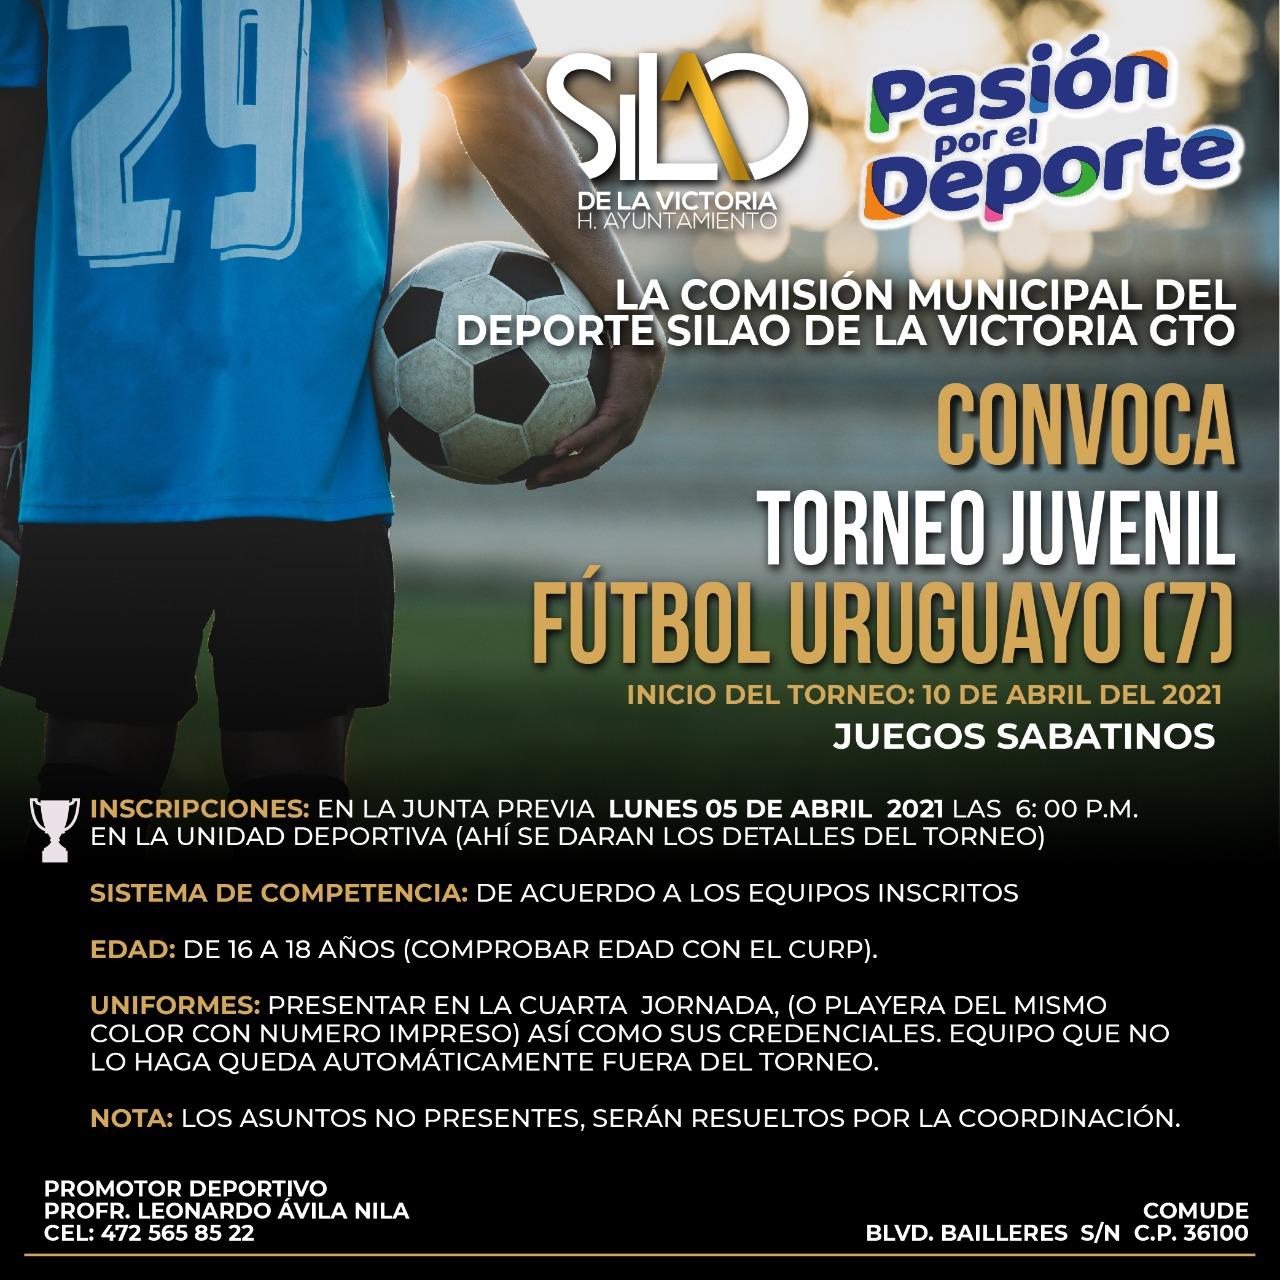 Invitan a los torneos juvenil y Prepa-Universitario de fútbol  uruguayo